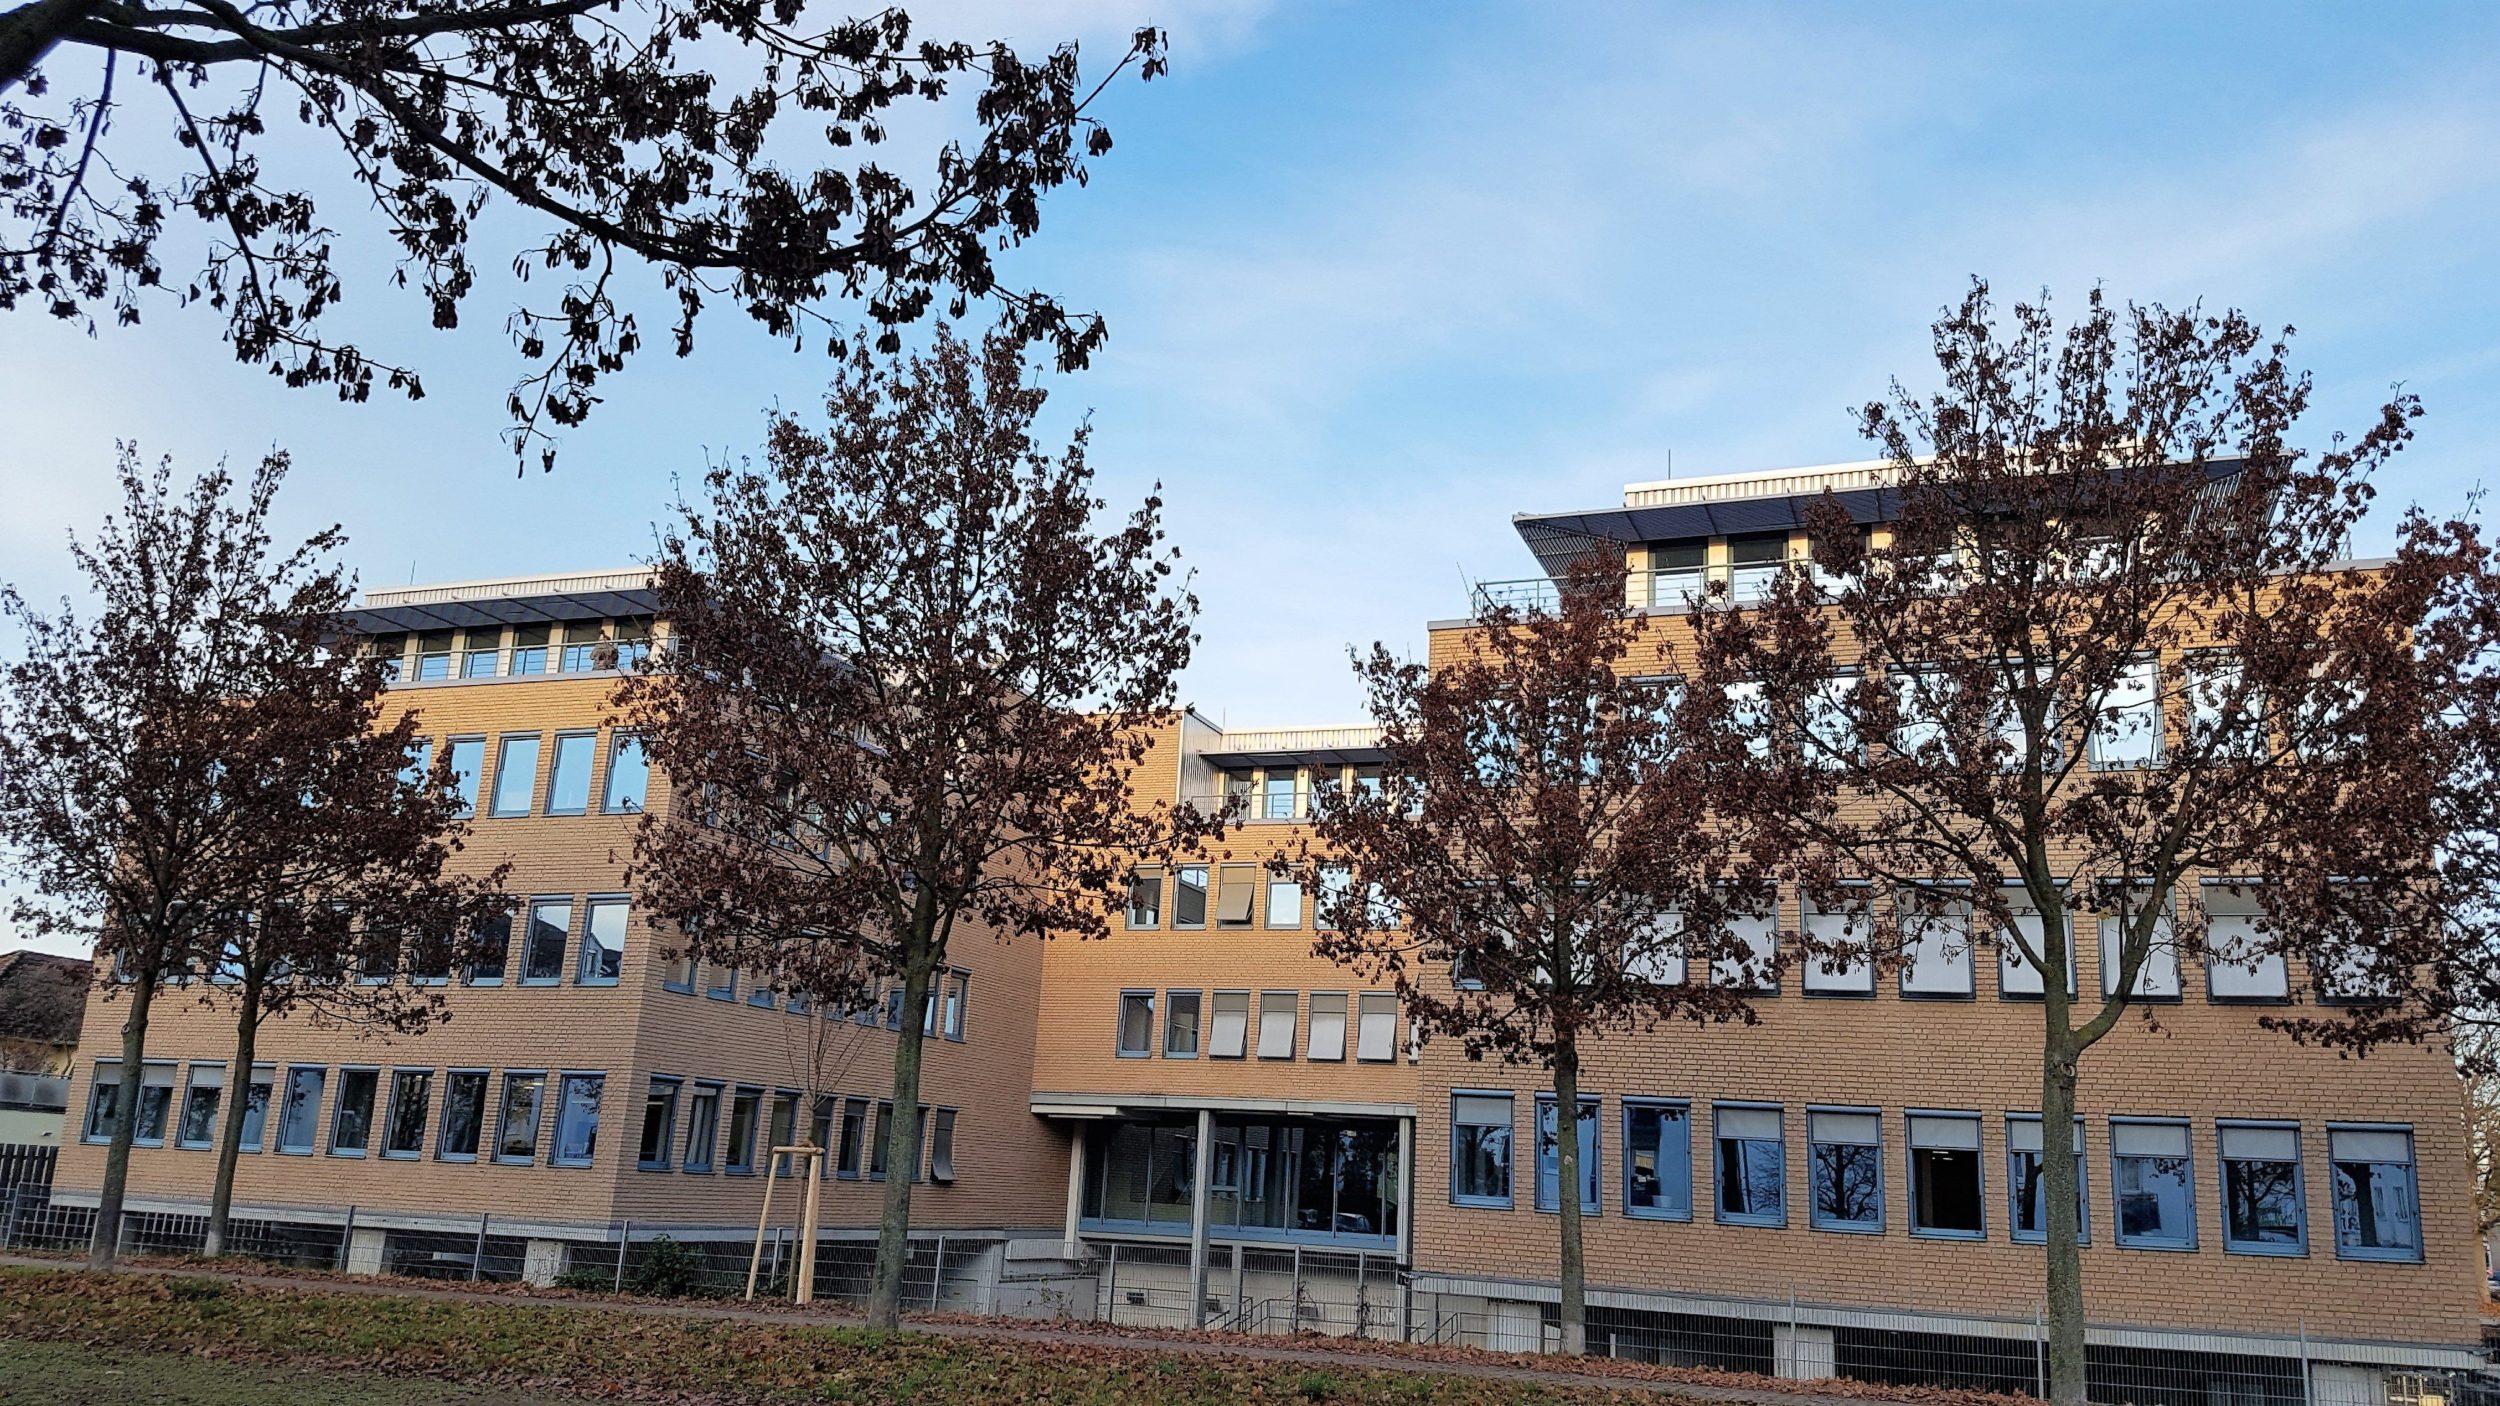 Infocient Bürogebäude Rückansicht